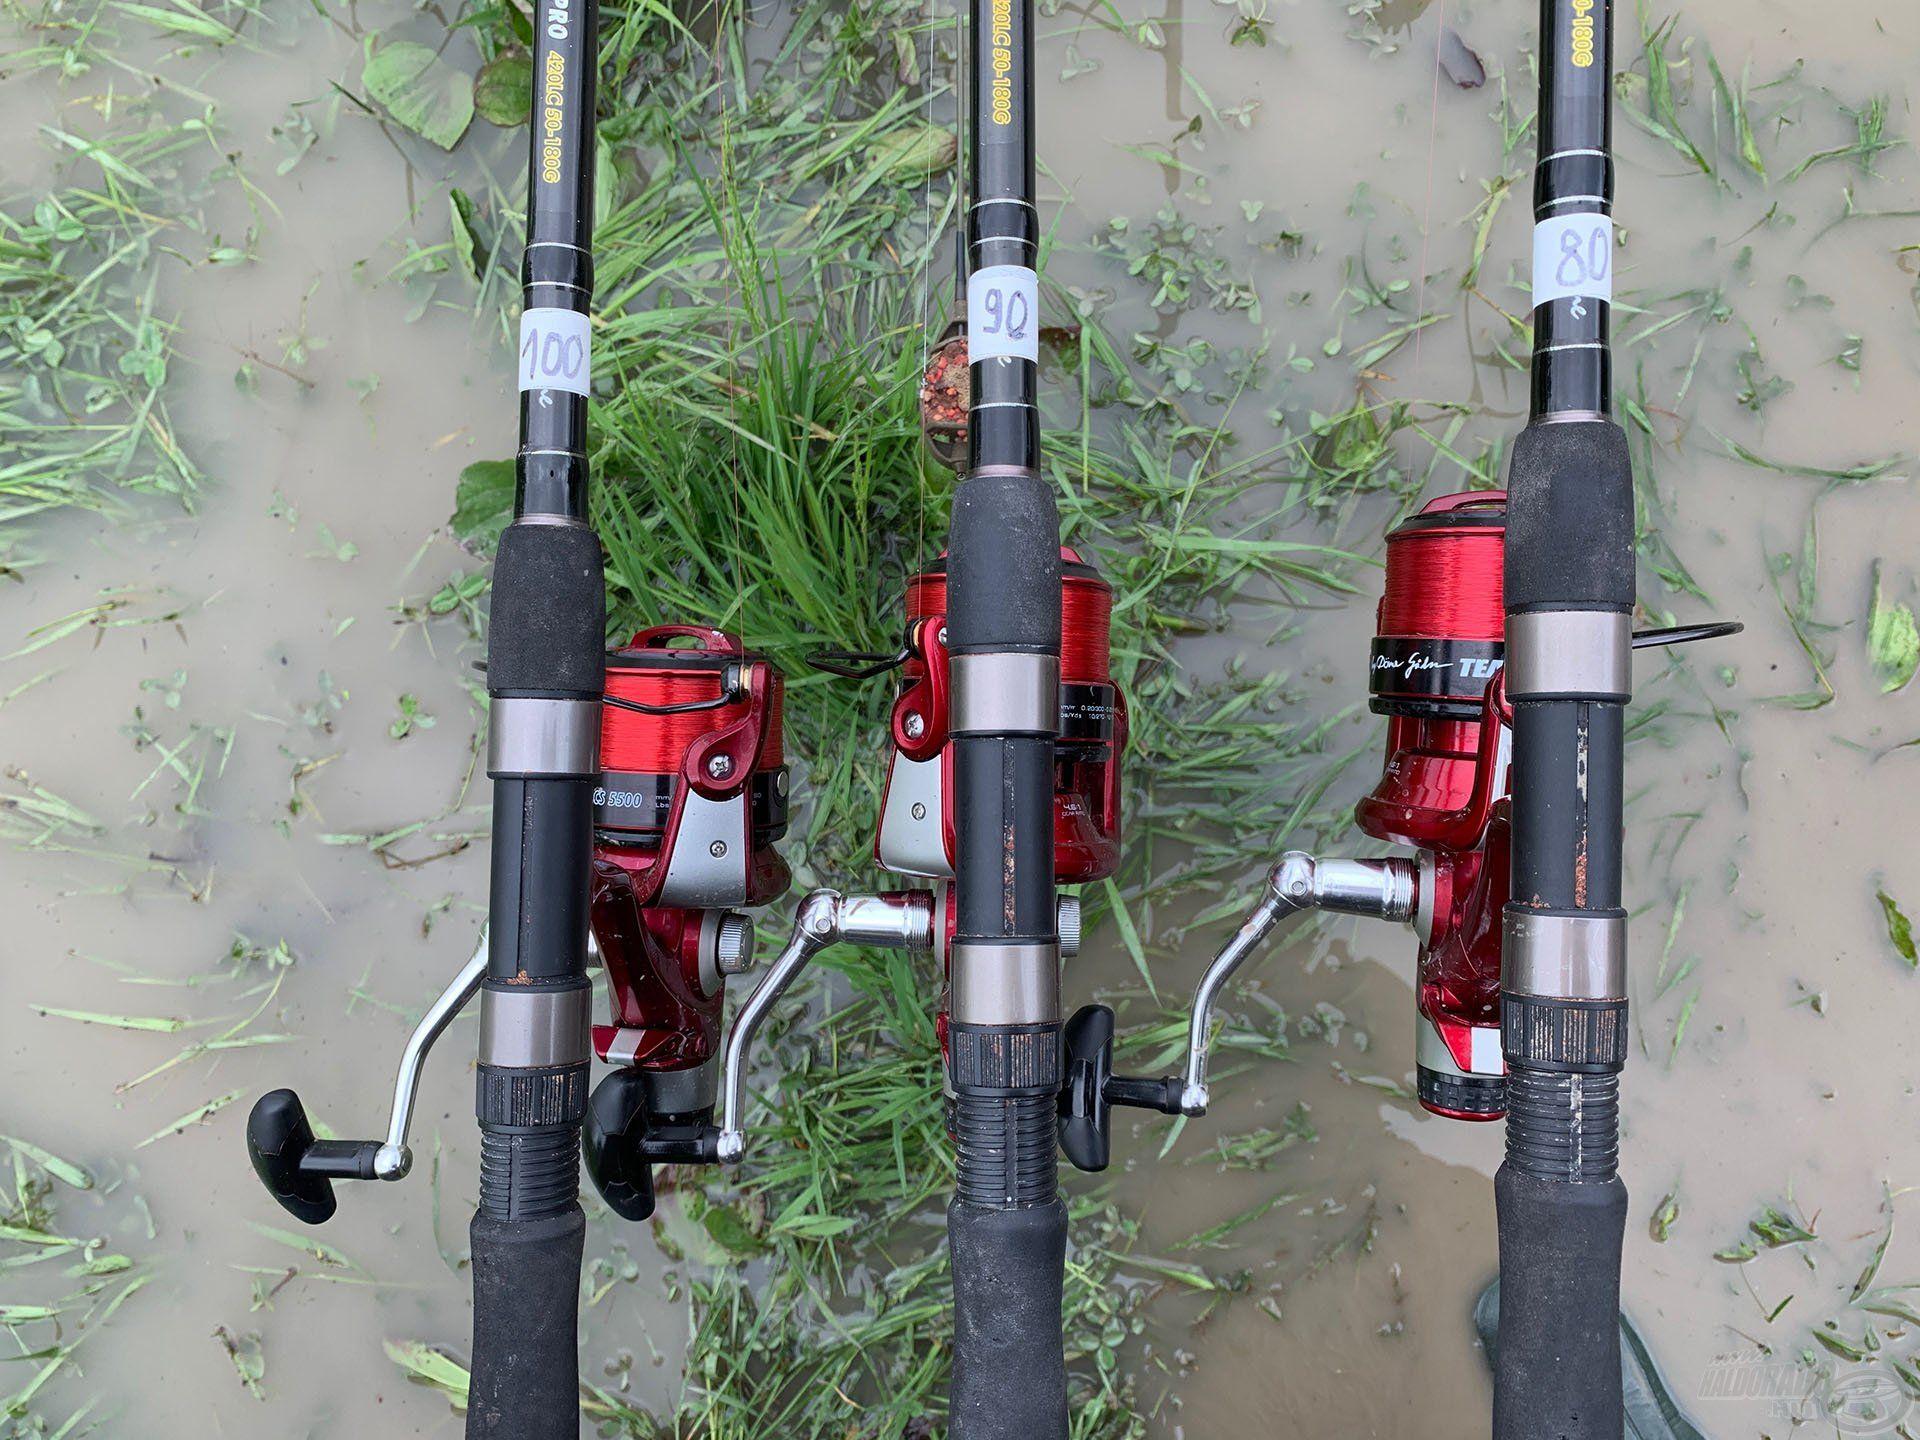 Három bottal készültem, amelyekkel három különböző – 80, 90 és 100 m-es – távolságban horgásztam